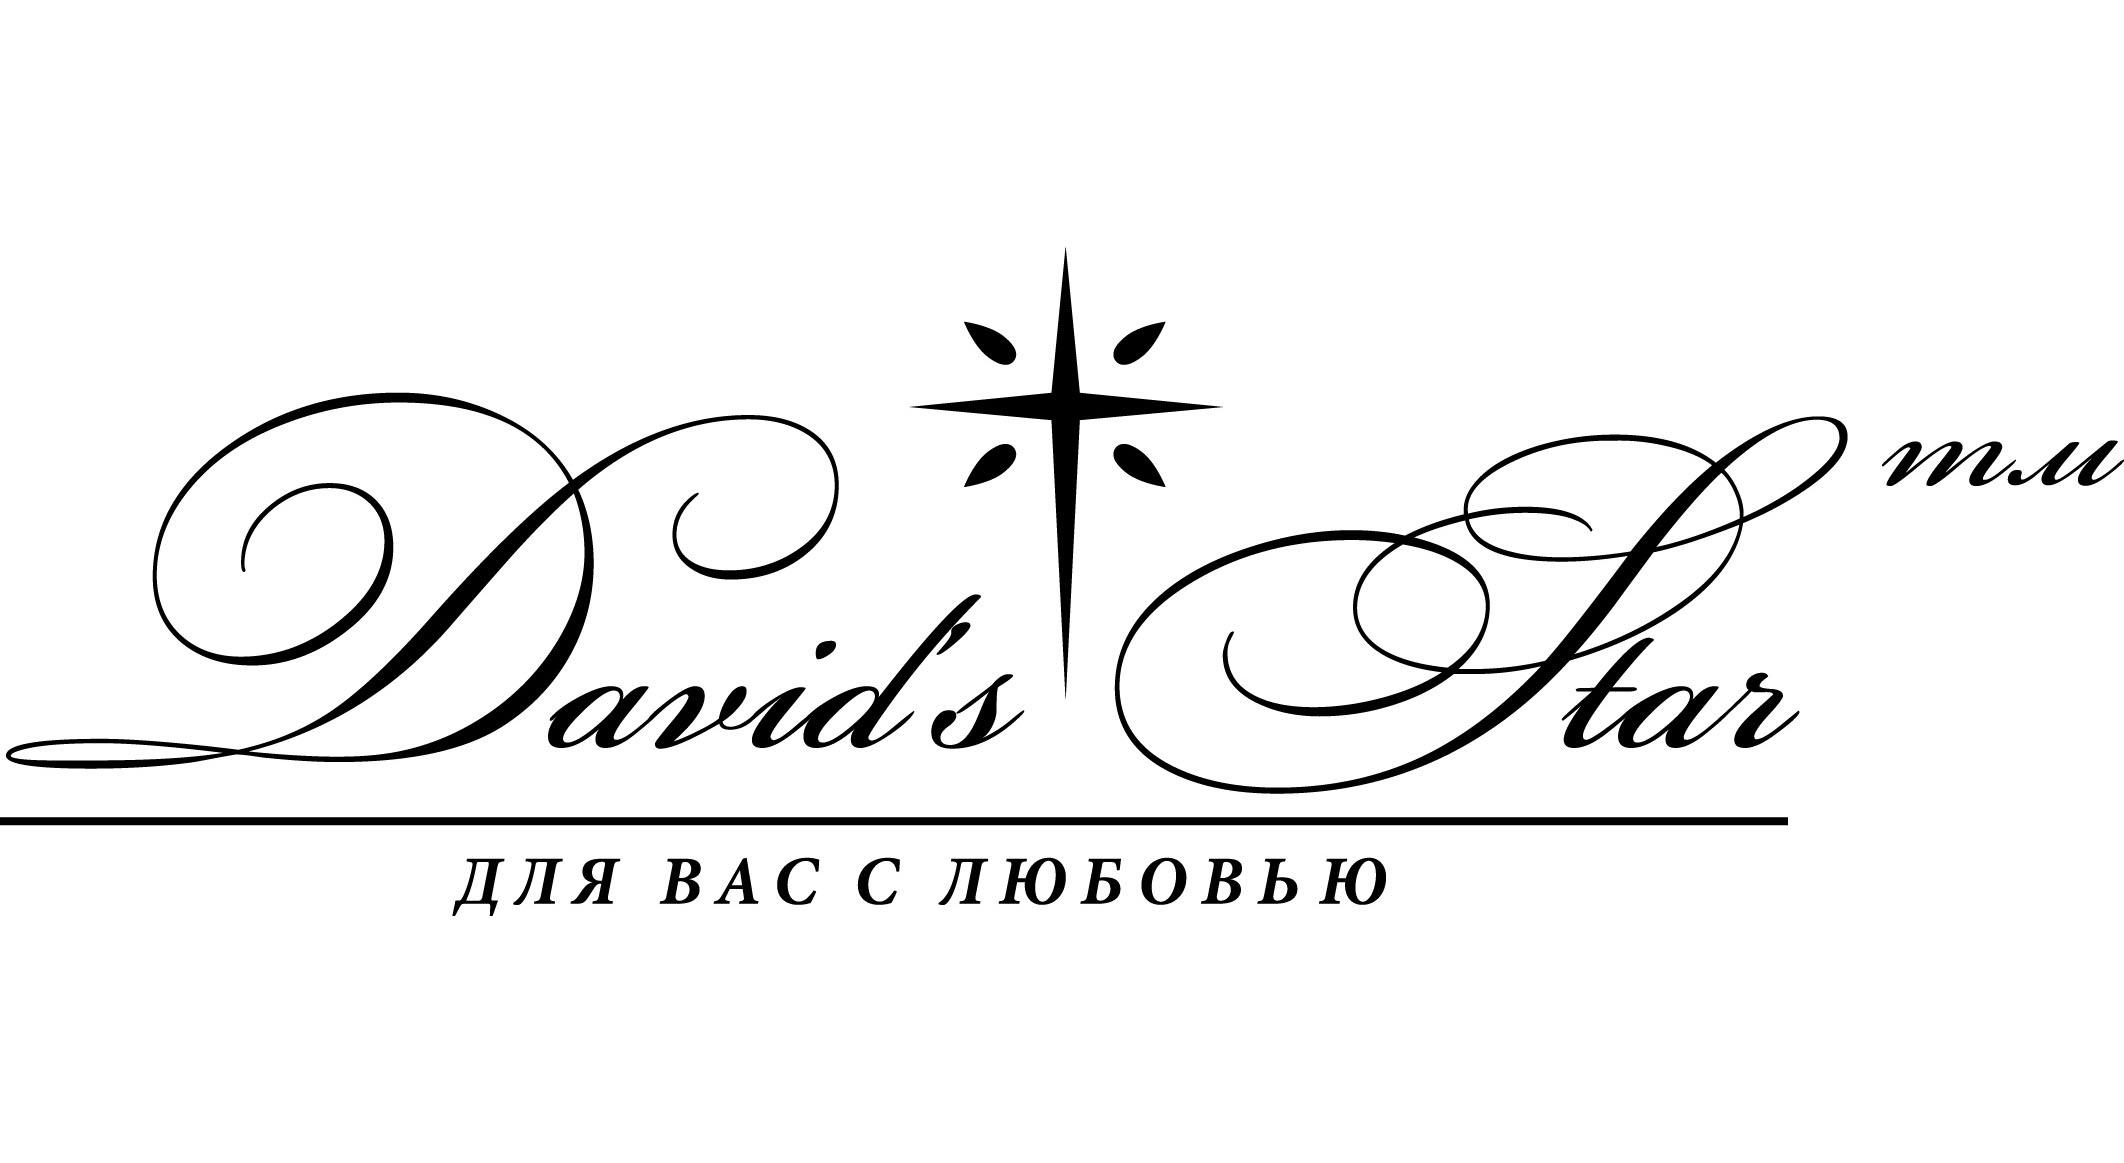 DavidsStar